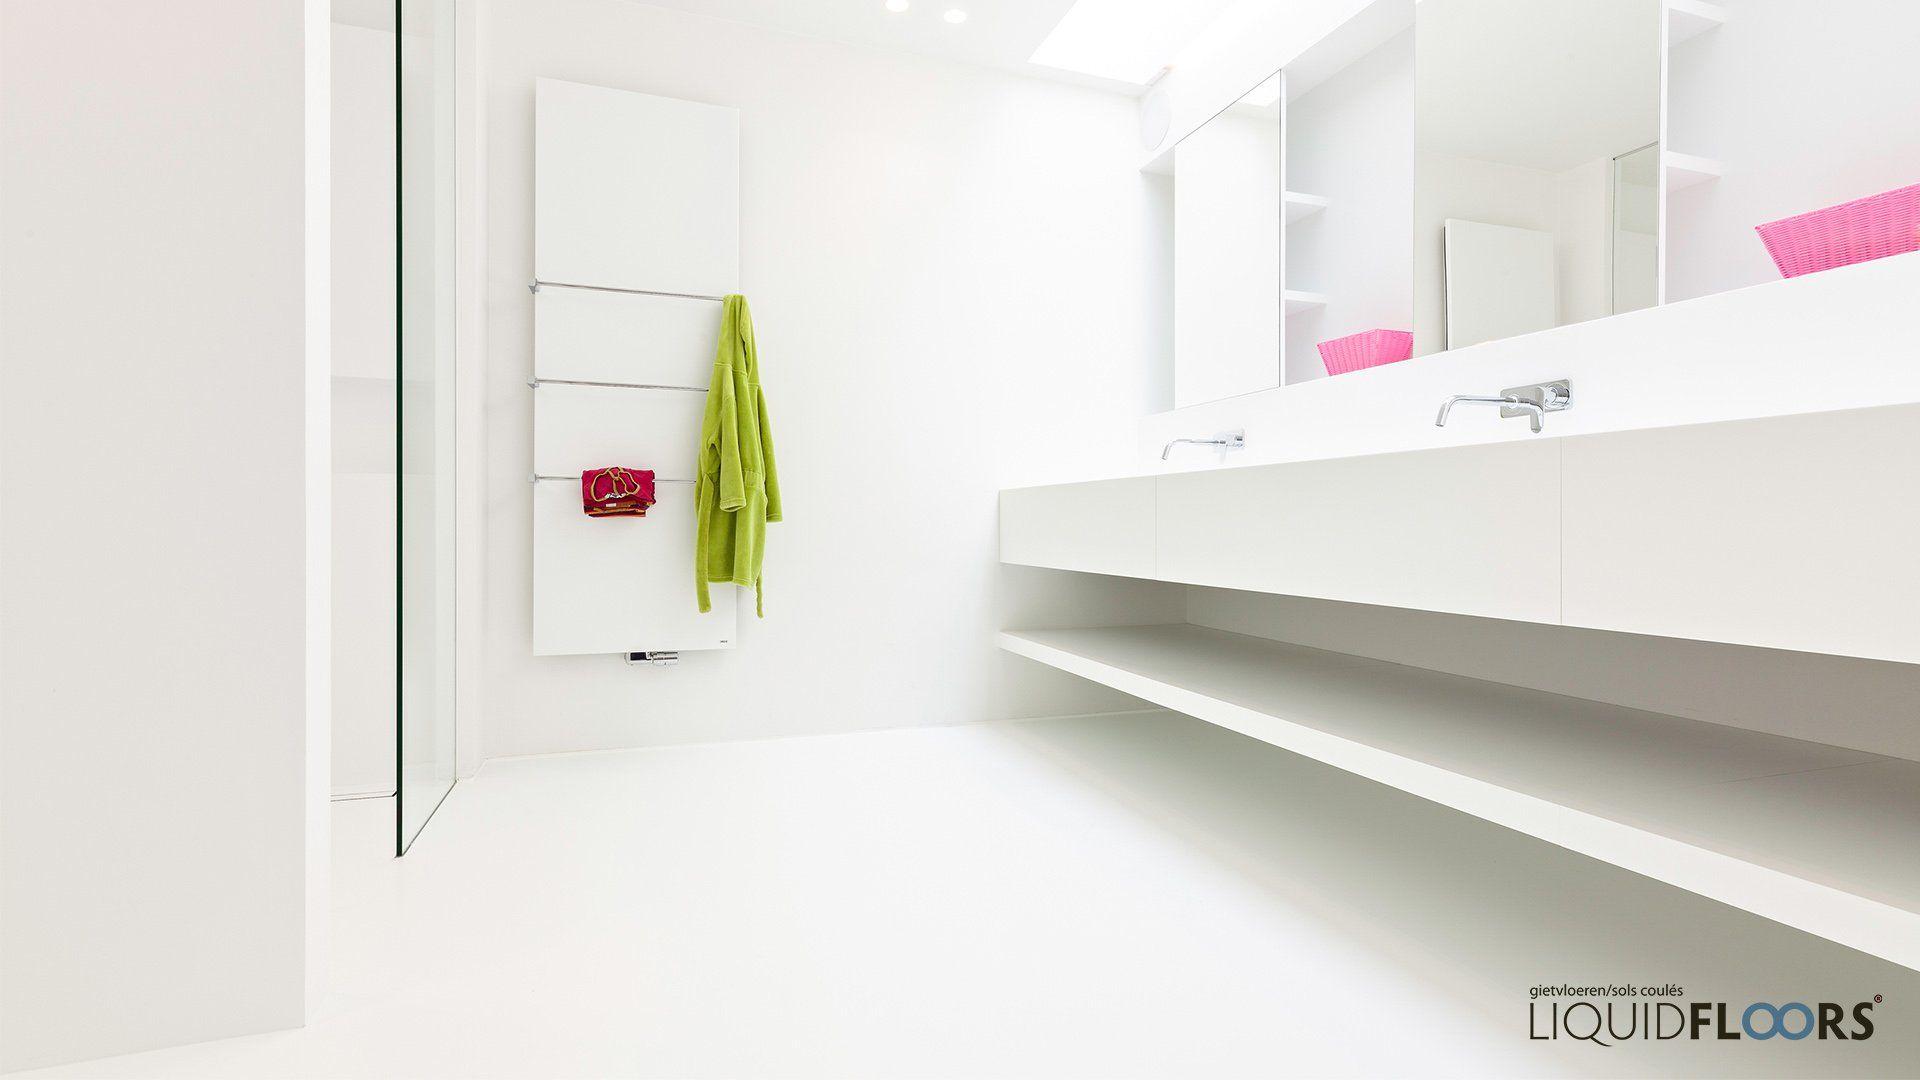 Inrichting Badkamer Vloer : Badkamer vloer renovatie inrichting douche badkamerafwerking